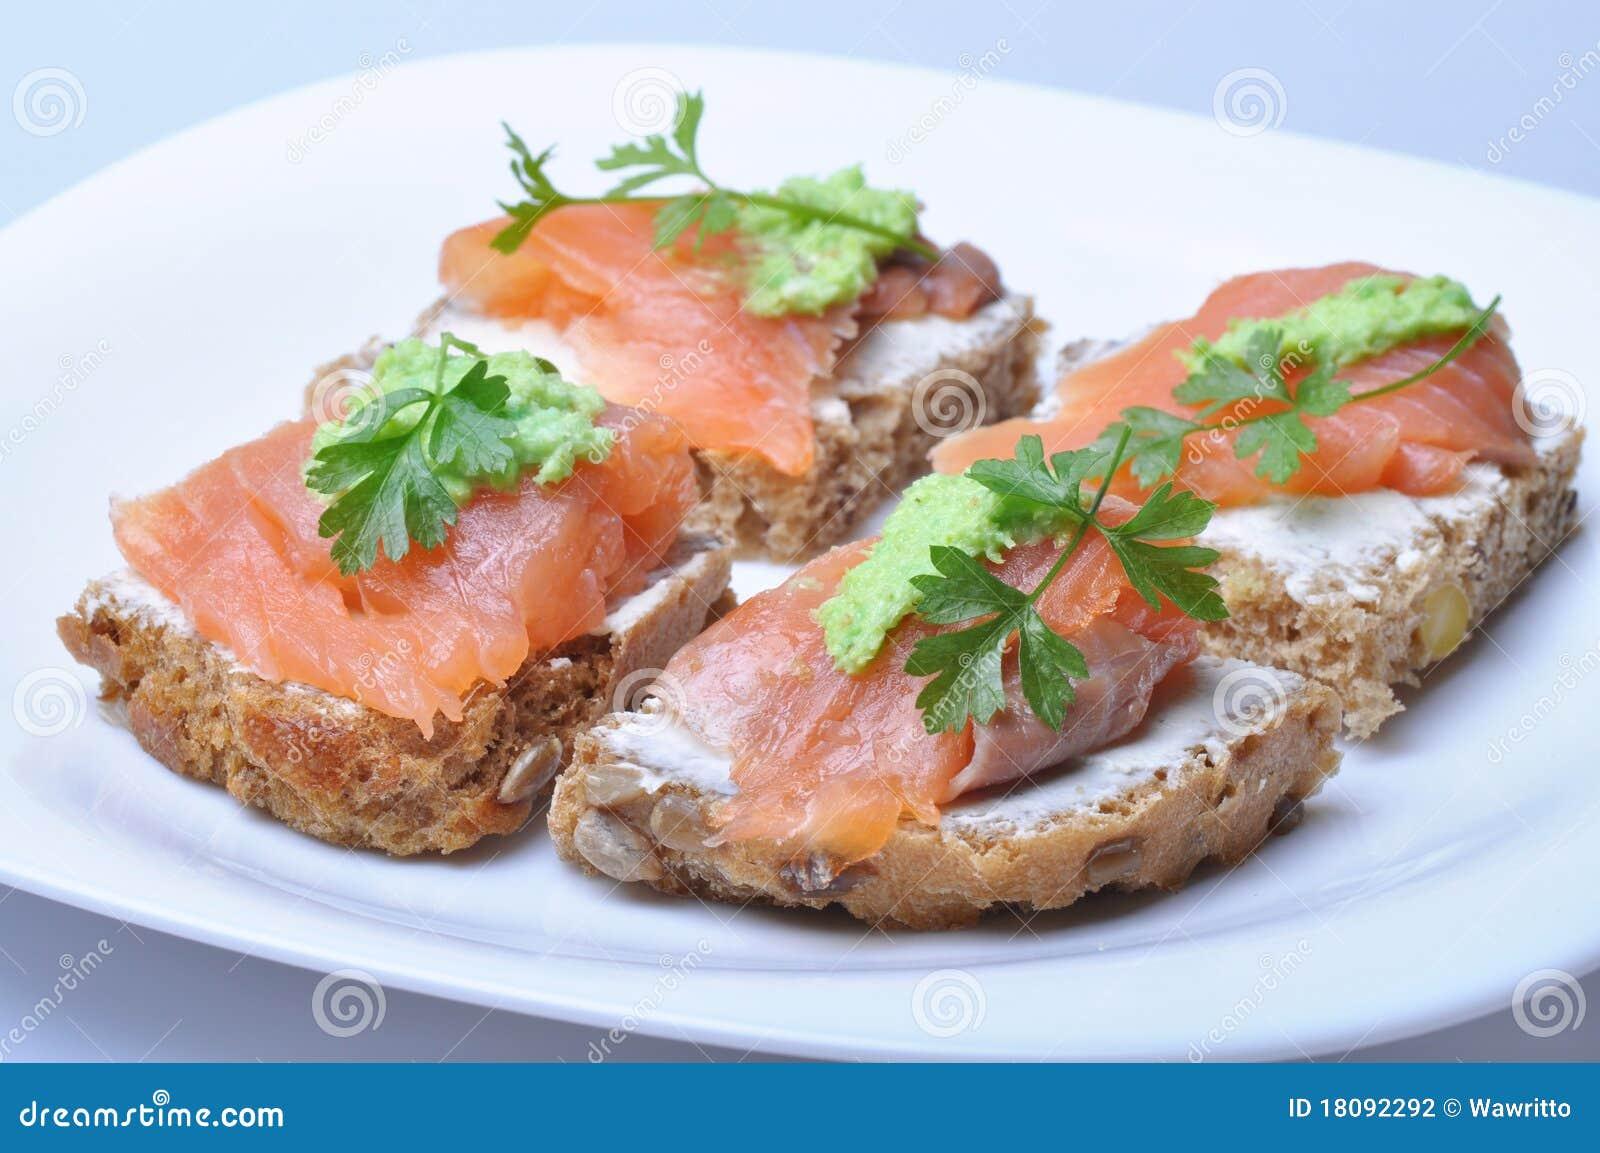 Sandwich mit geräucherten Lachsen